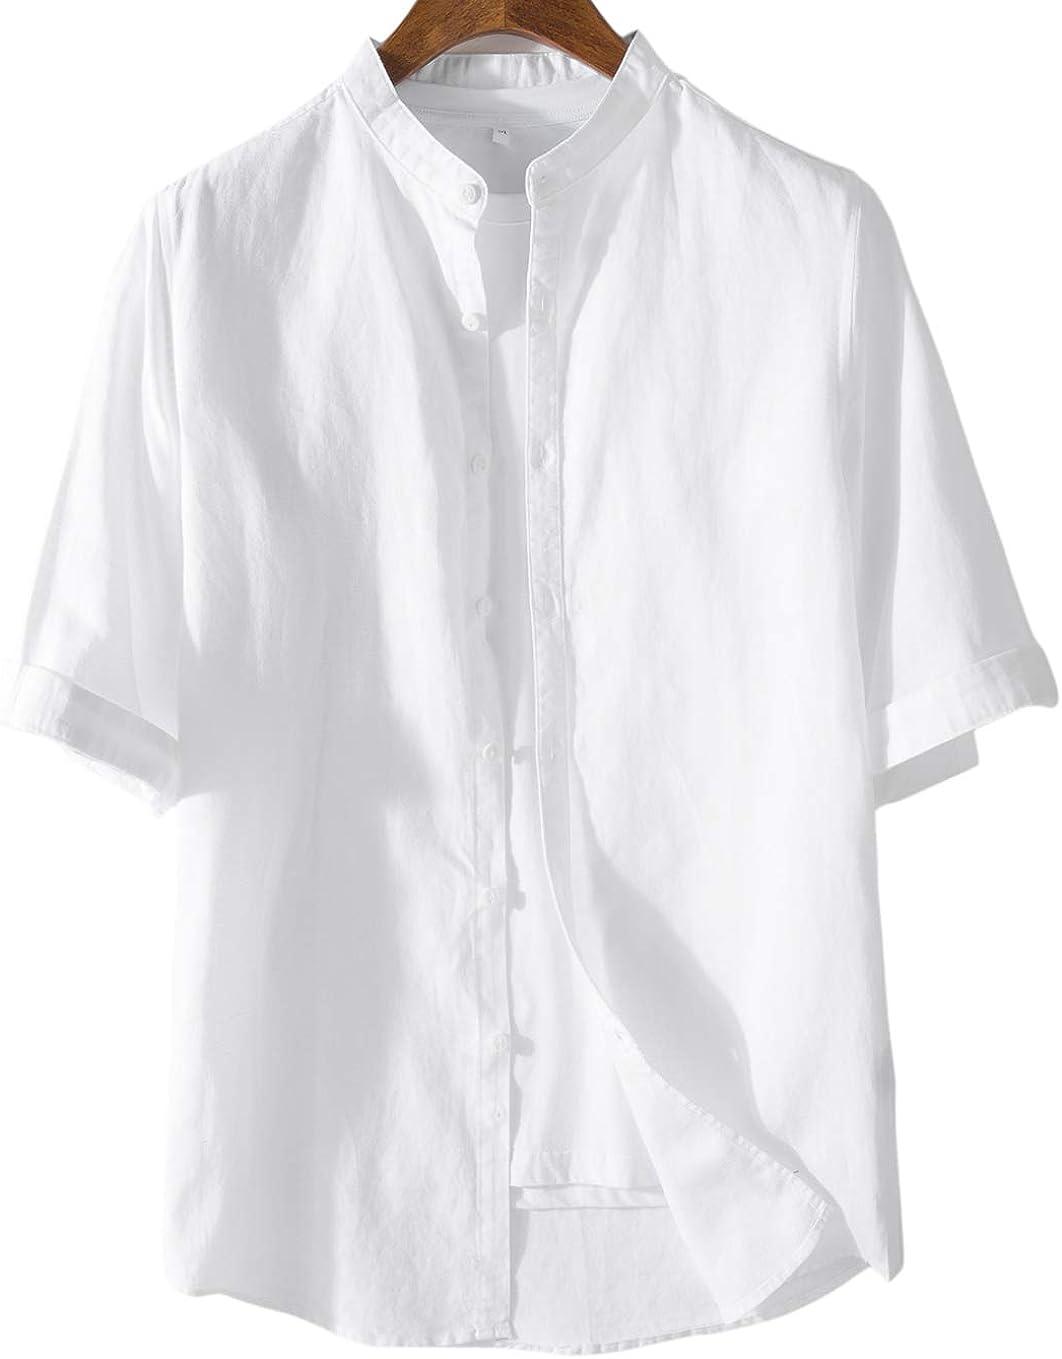 utcoco Mens Summer Linen 1/2 Sleeve Lightweight Button Front Crew-Neck Casual Shirt